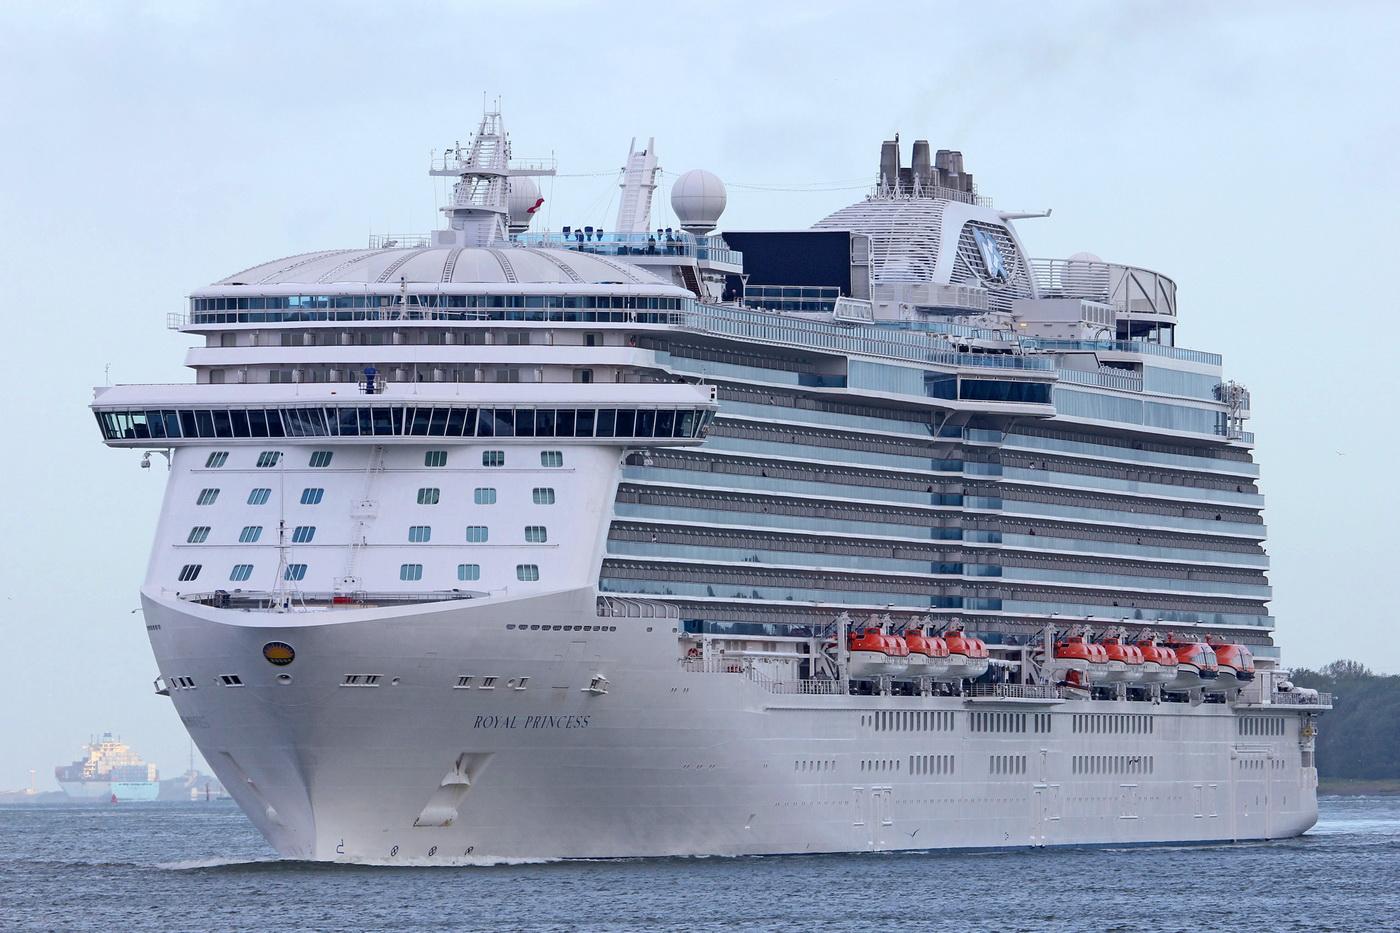 Najveći brod koji će ove sezone dolazi u Boku - ROYAL PRINCESS